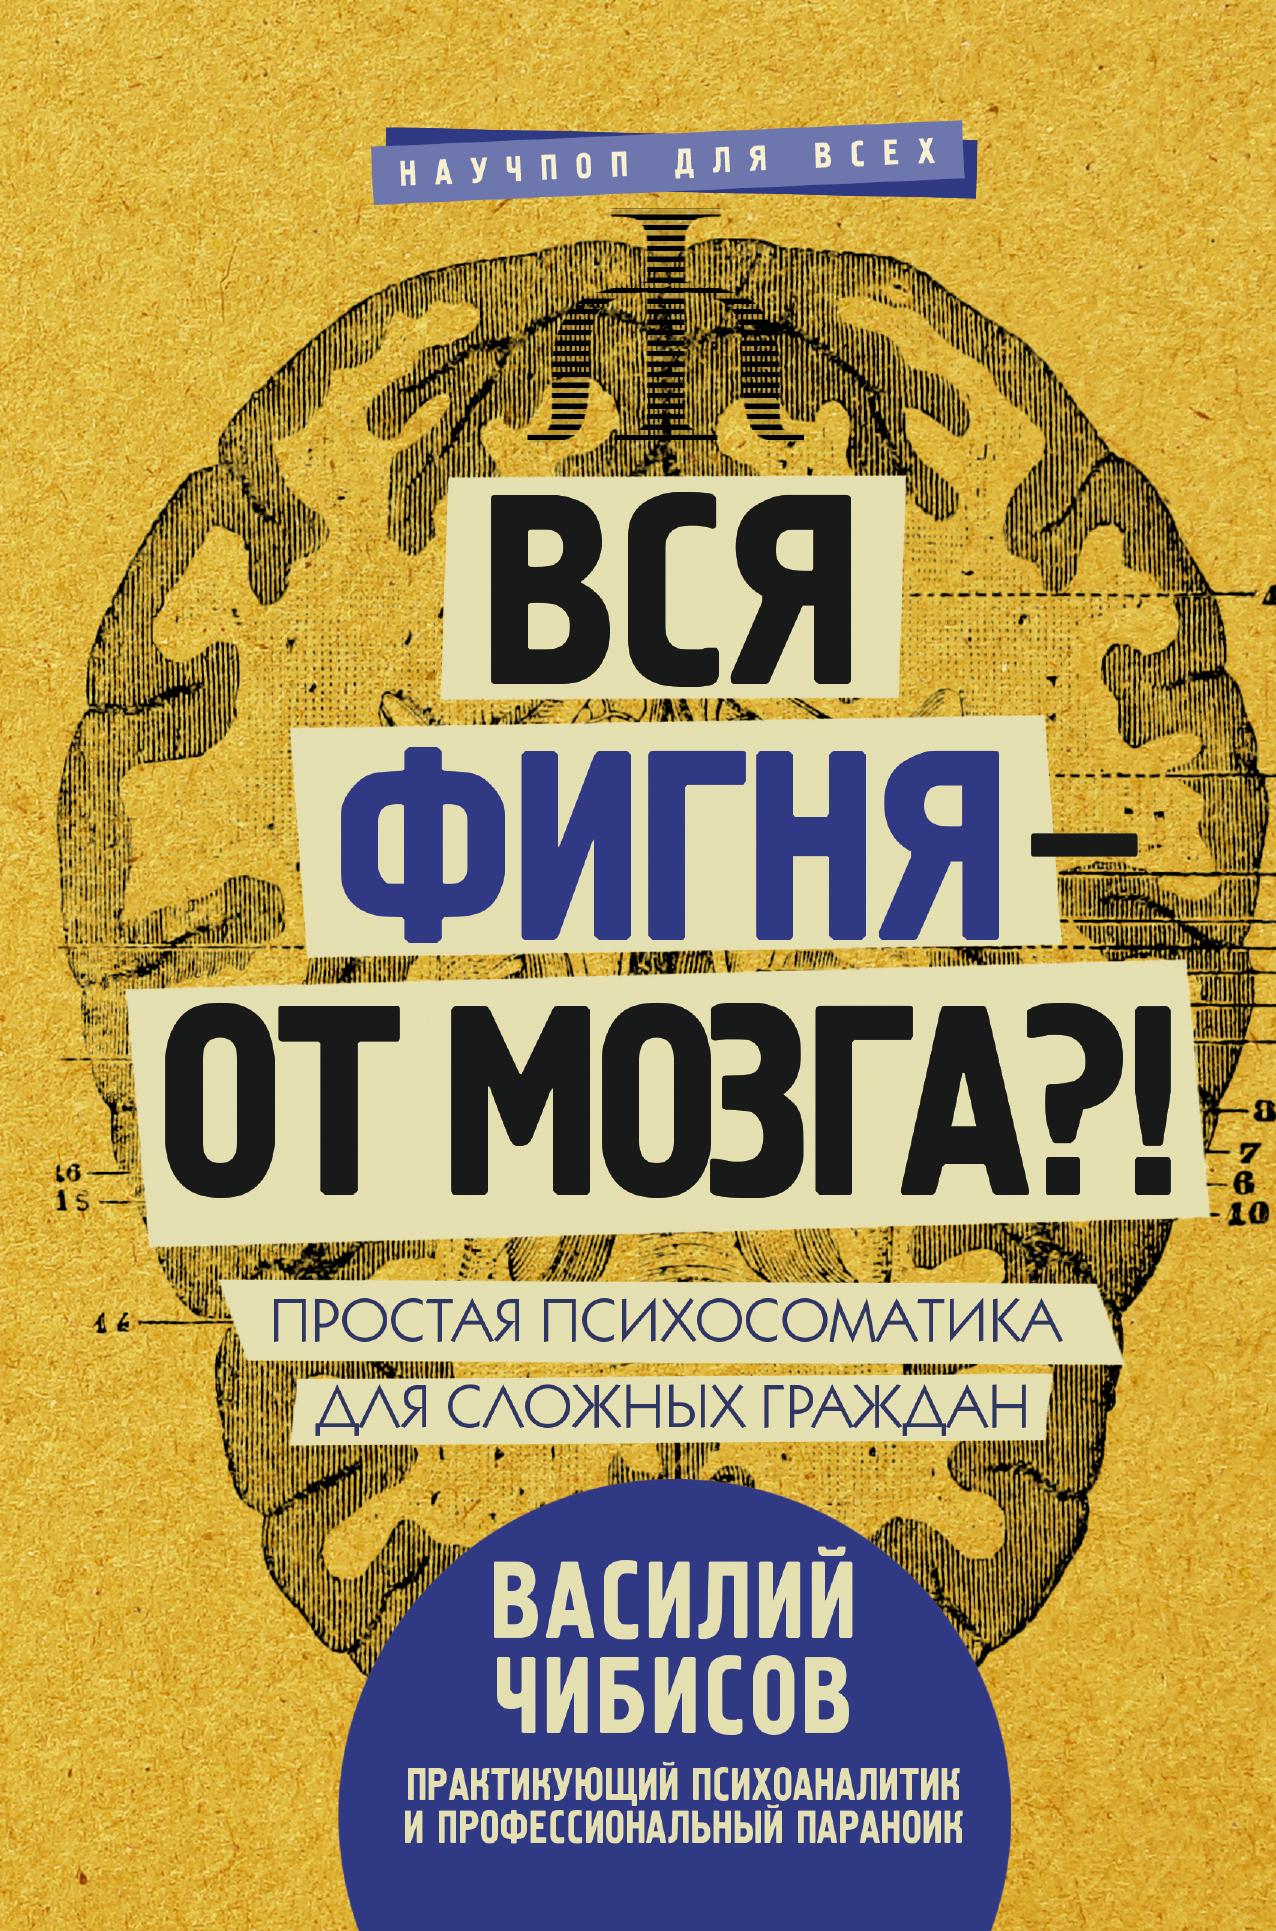 Вся фигня – от мозга?! Простая психосоматика для сложных граждан